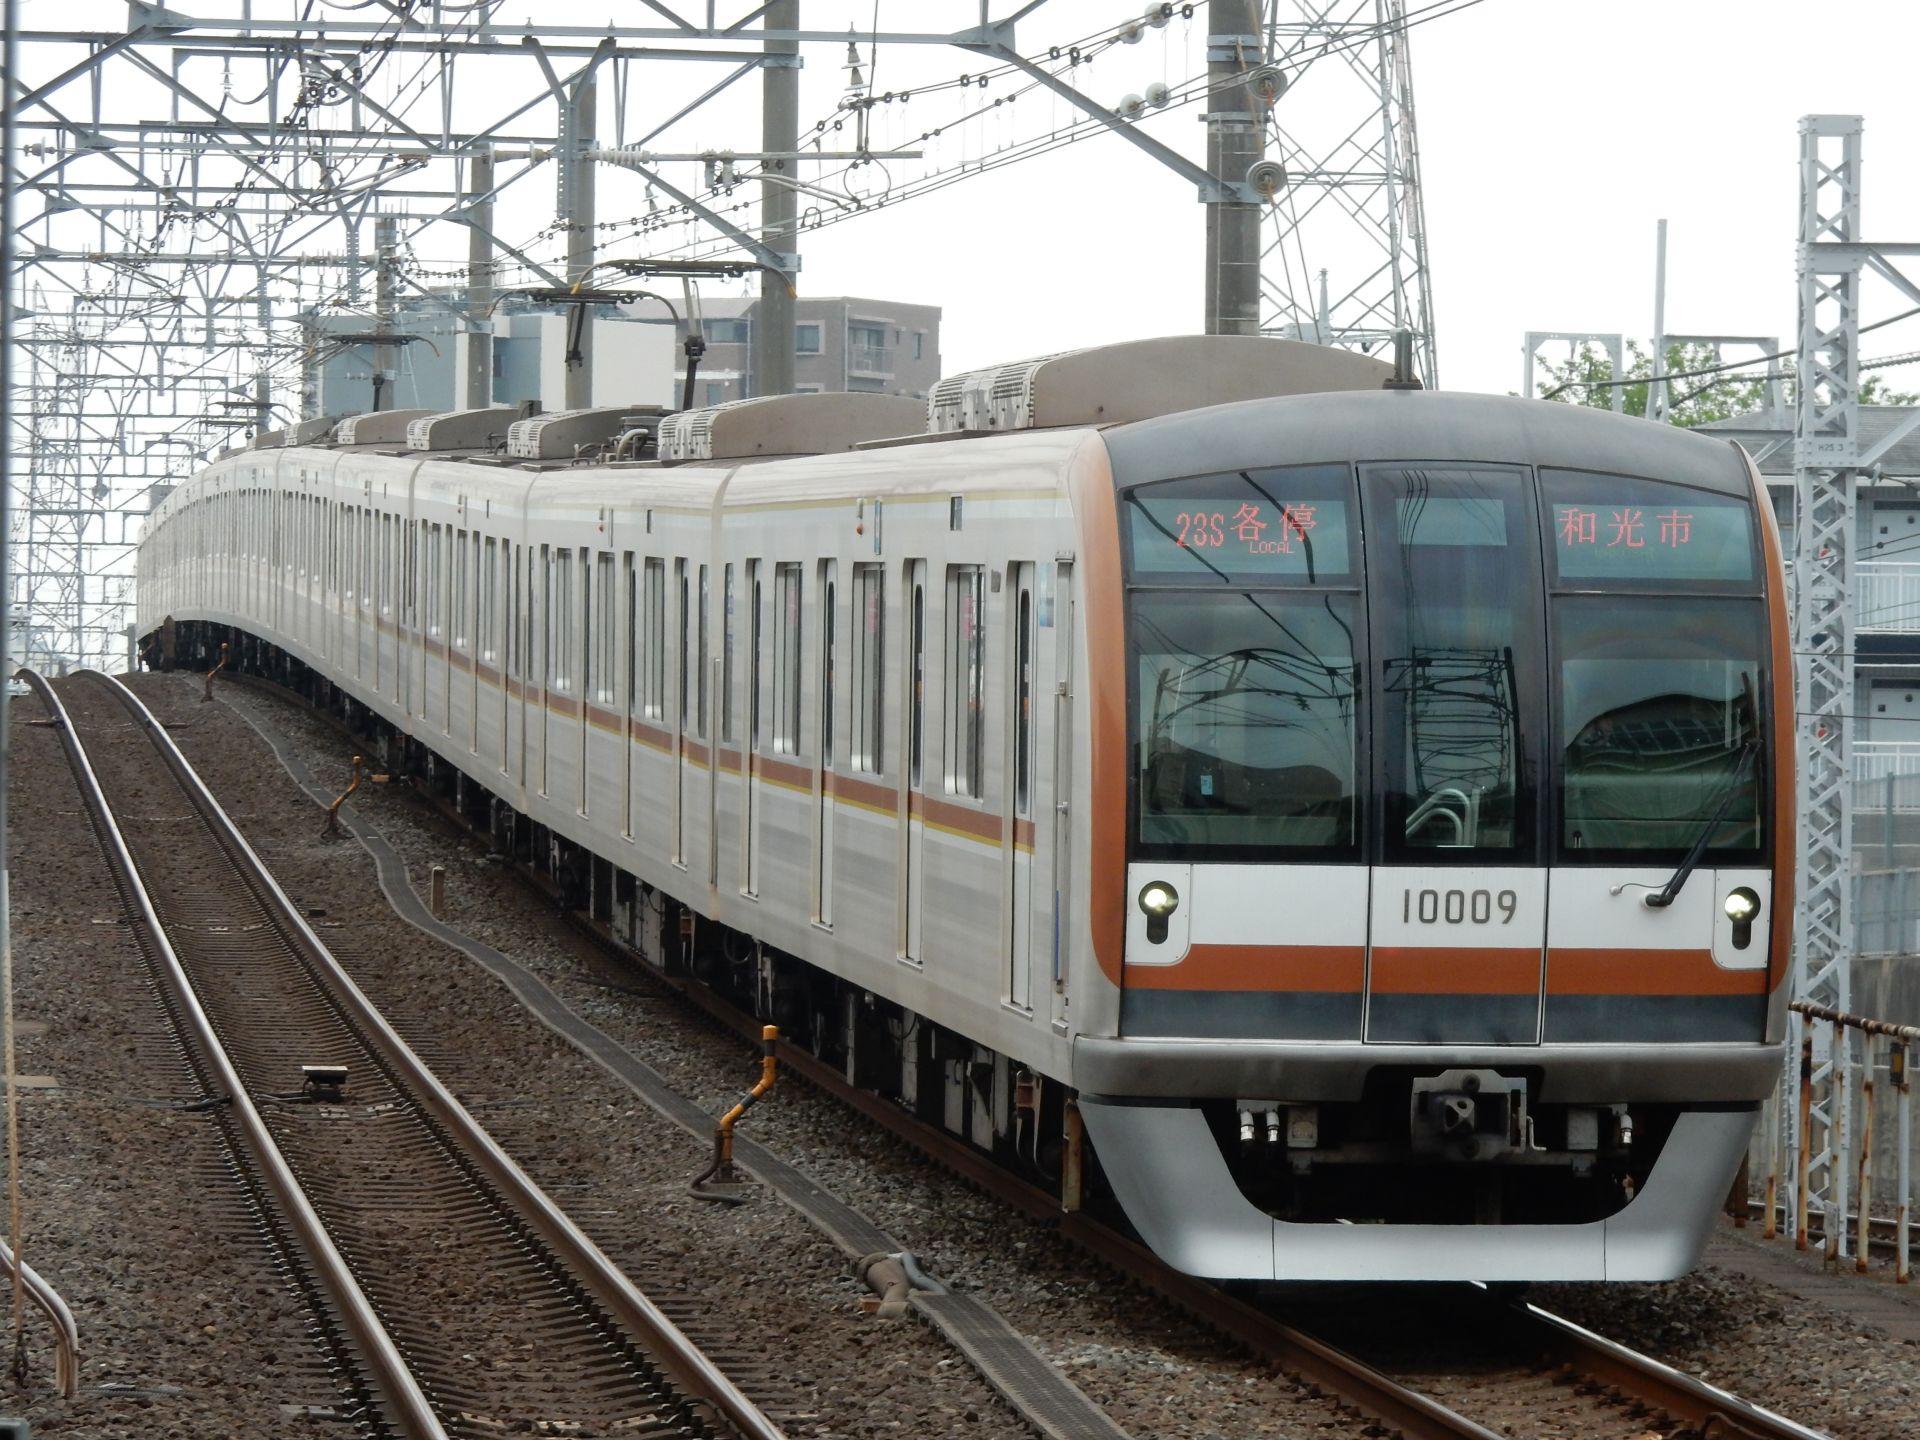 DSCN8726 - コピー